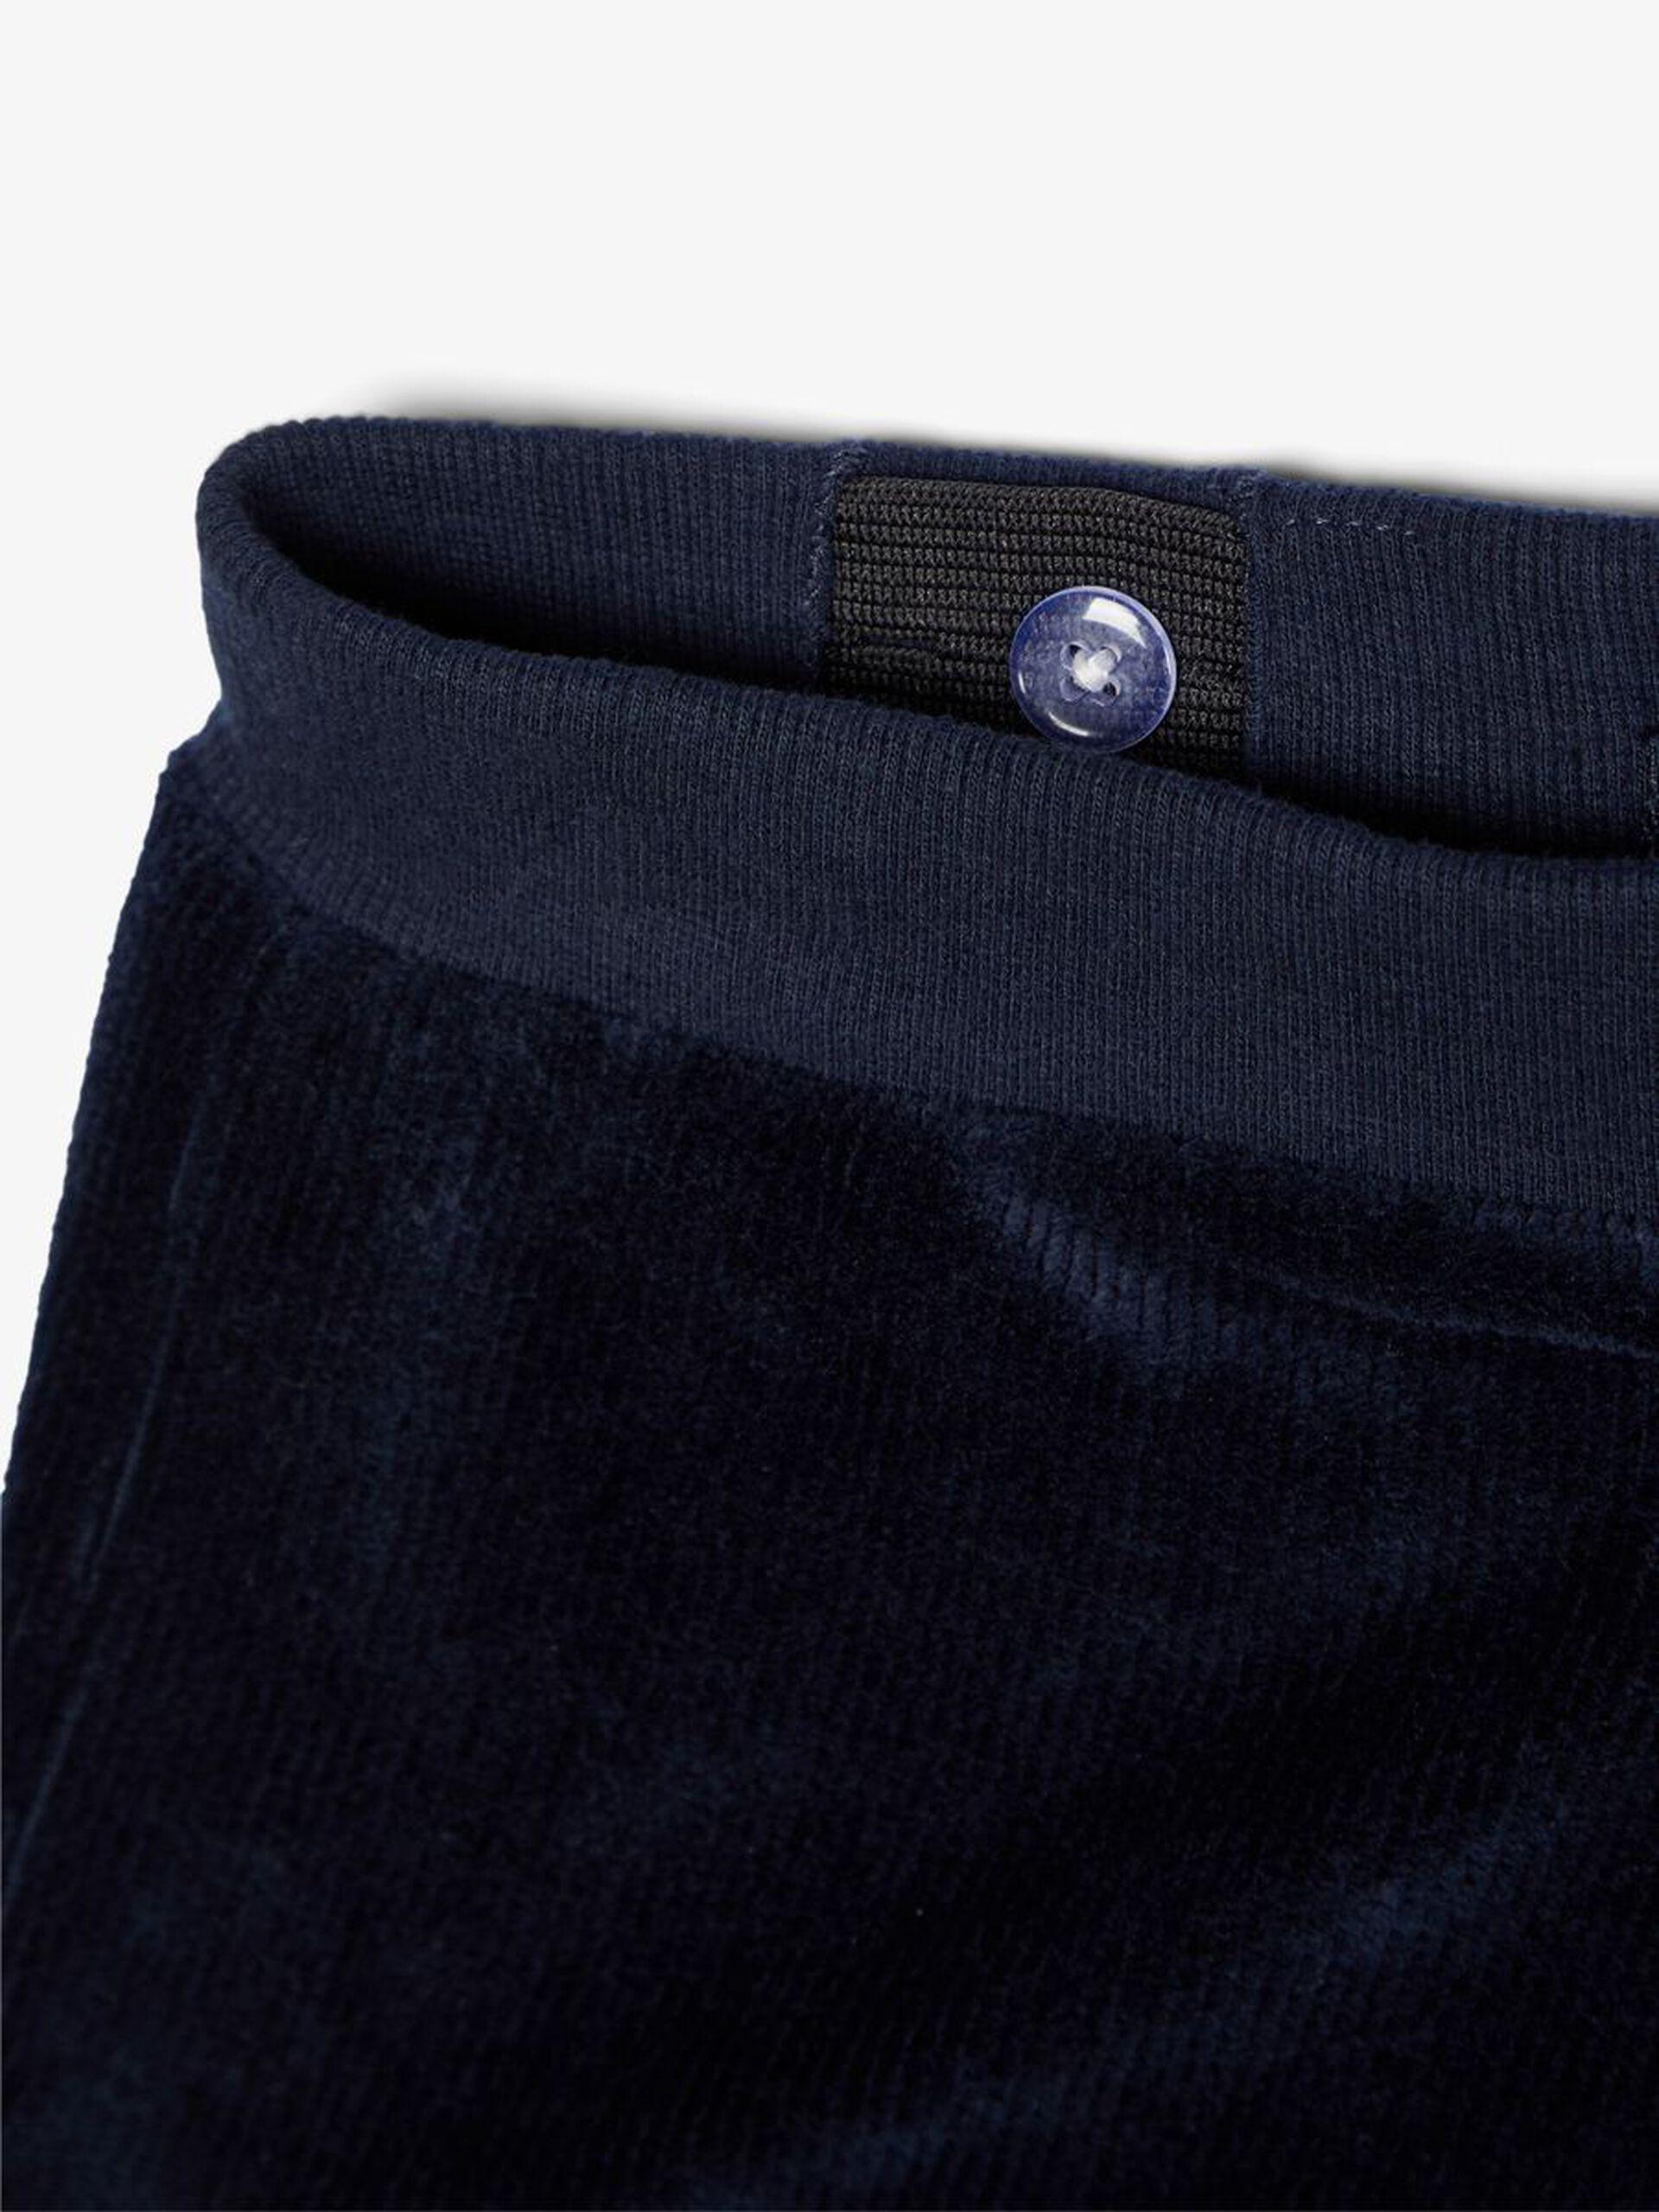 Name It bukse blå velur